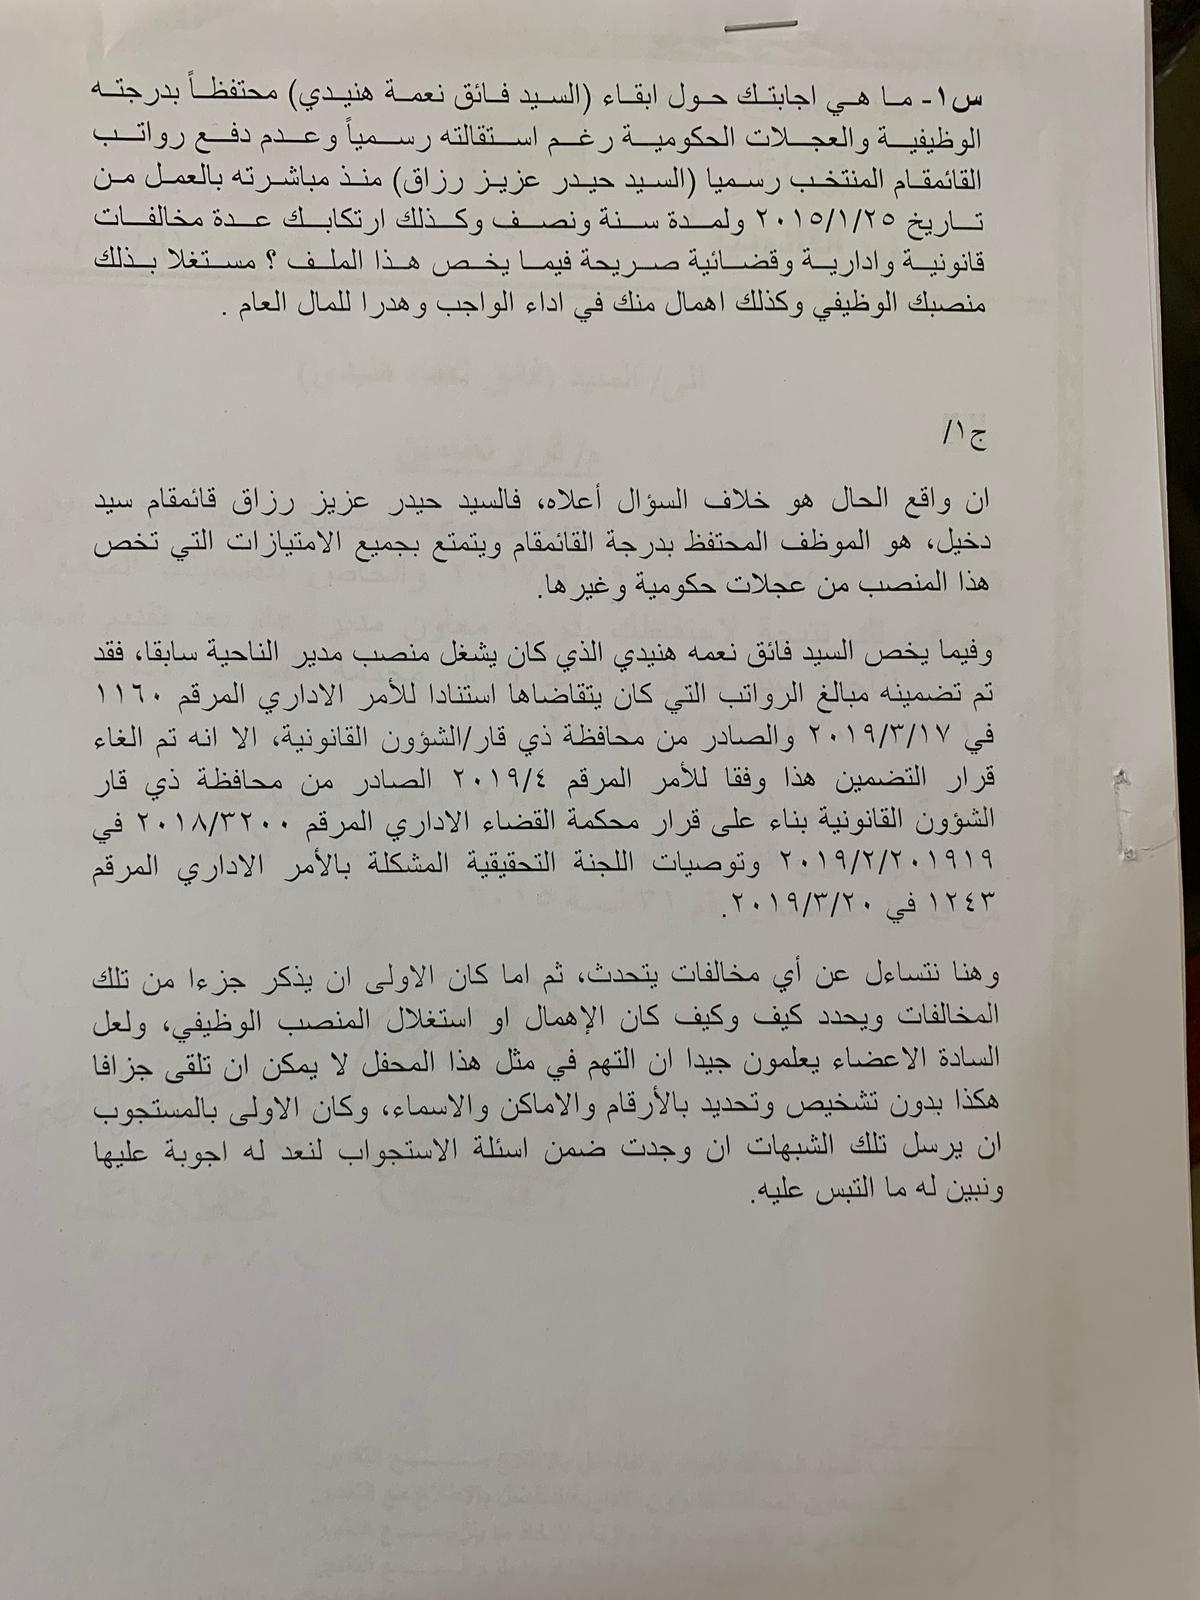 مجلس محافظة ذي قار يطرد المحافظ نجل اية اللة العظمى الناصري